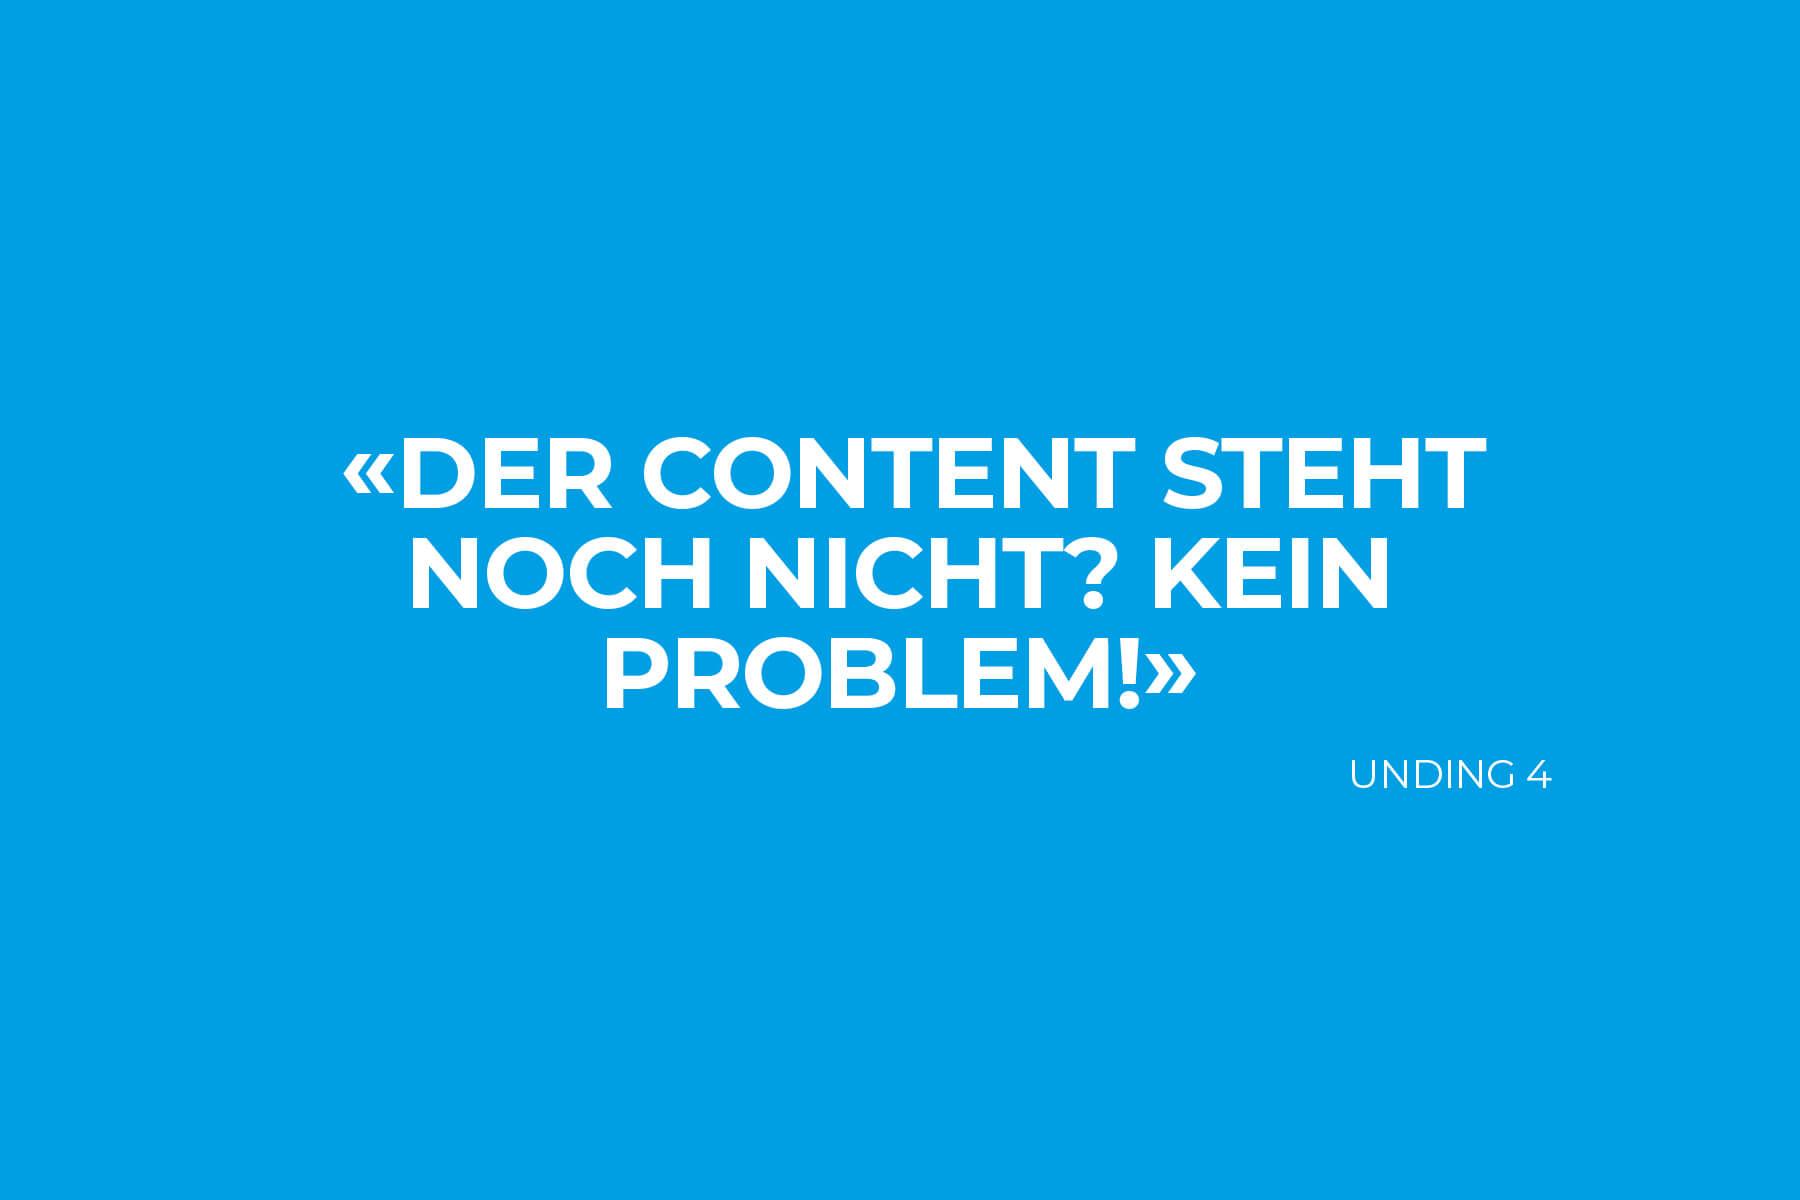 cc_4_unding-no-content